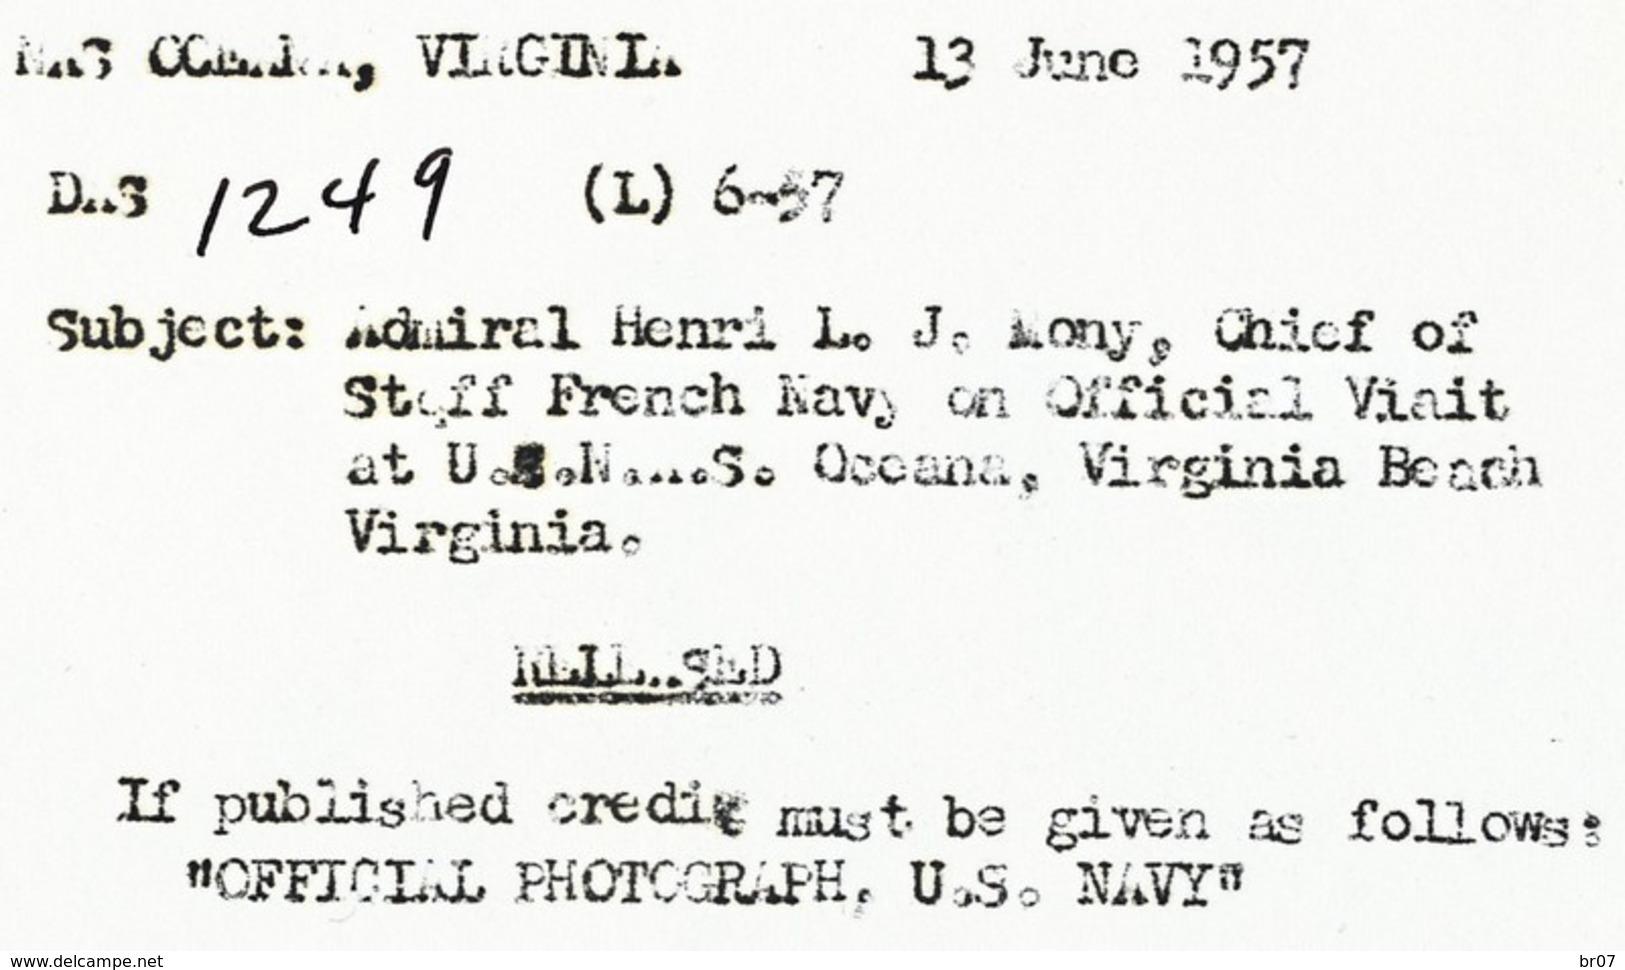 PHOTO ORIGINAL DE US NAVY 1957 NOMY HENRI AMIRAL CHEF DES FORCES NAVALES FRANCAISES EN VISITE DES FORCES AMERICAINES LE - Vereinigte Staaten